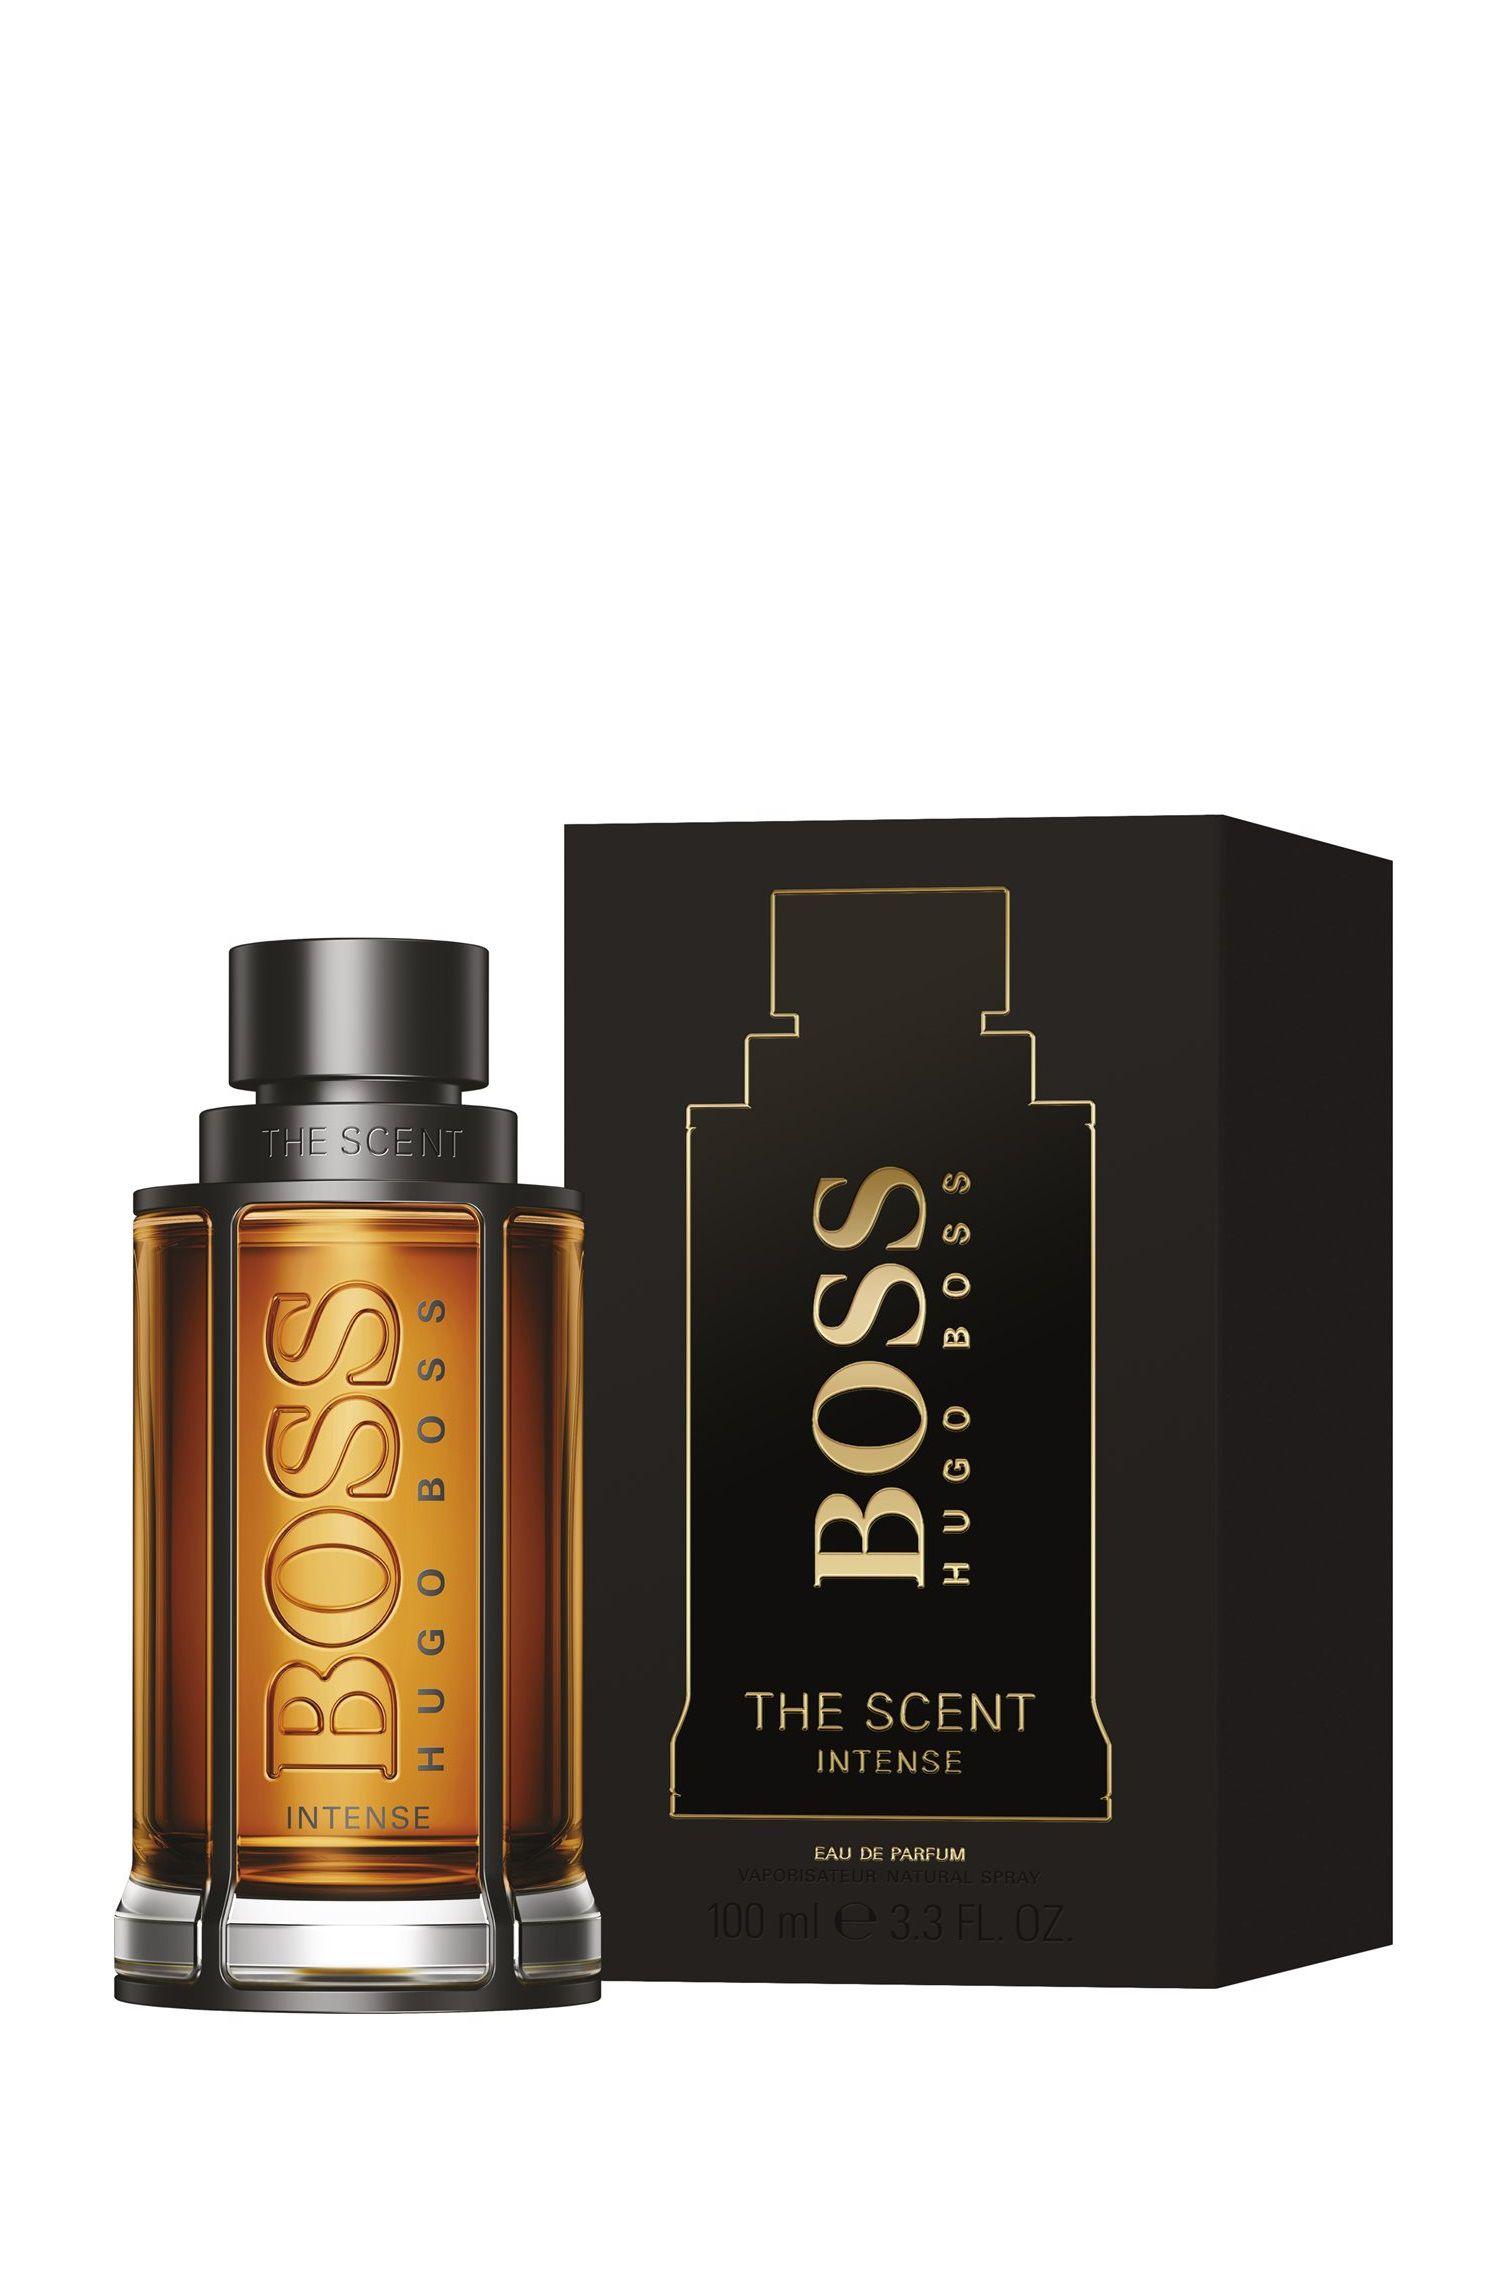 BOSS The Scent Intense for Him Eau de Parfum 100ml